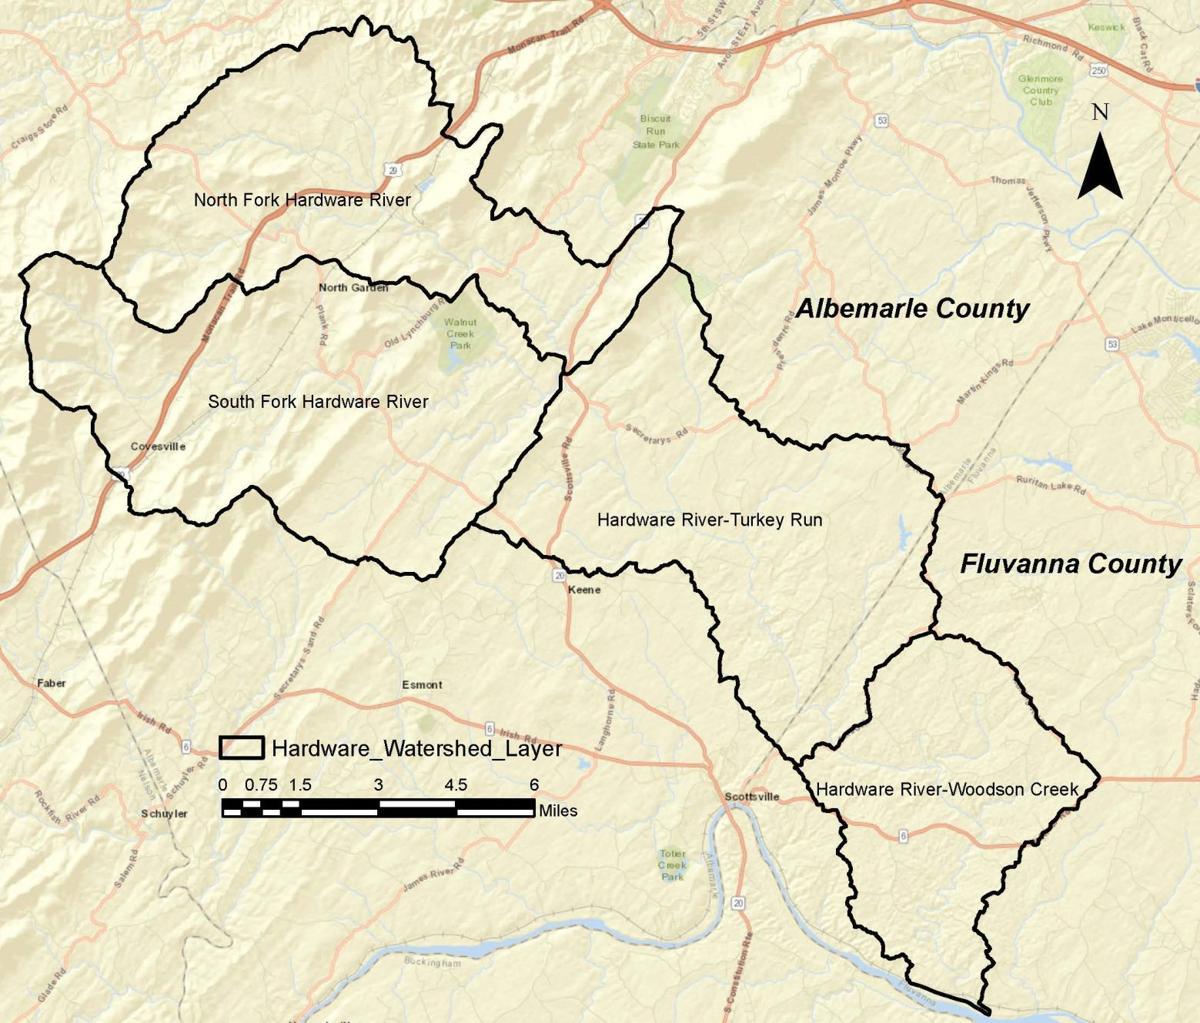 Hardware Watershed Map.jpg